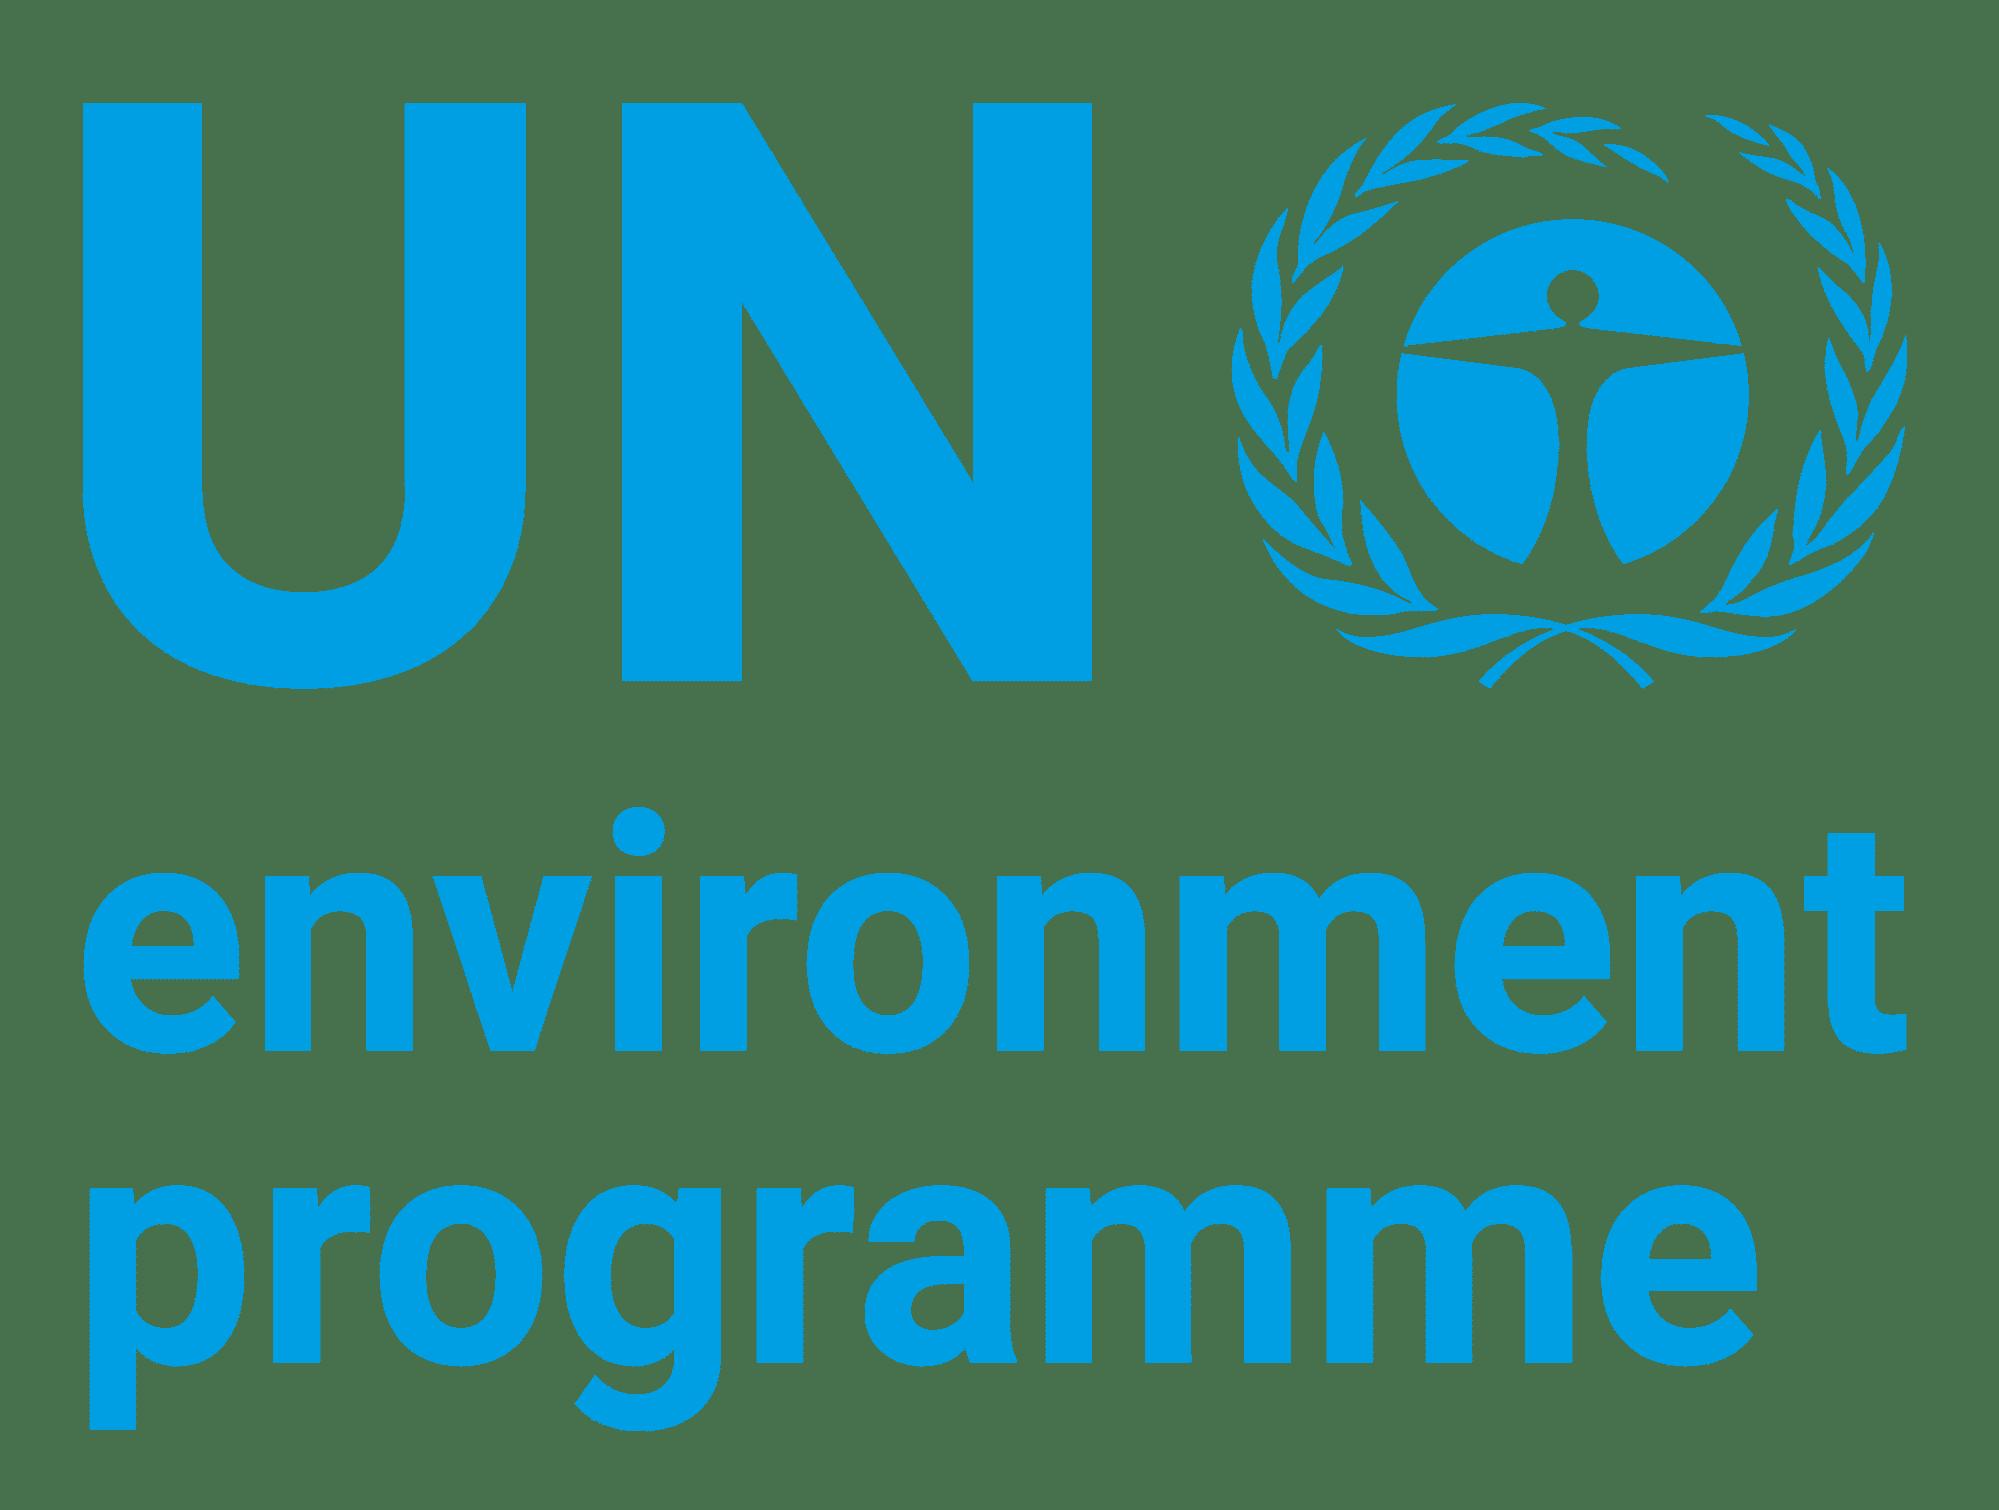 un-environment-logo